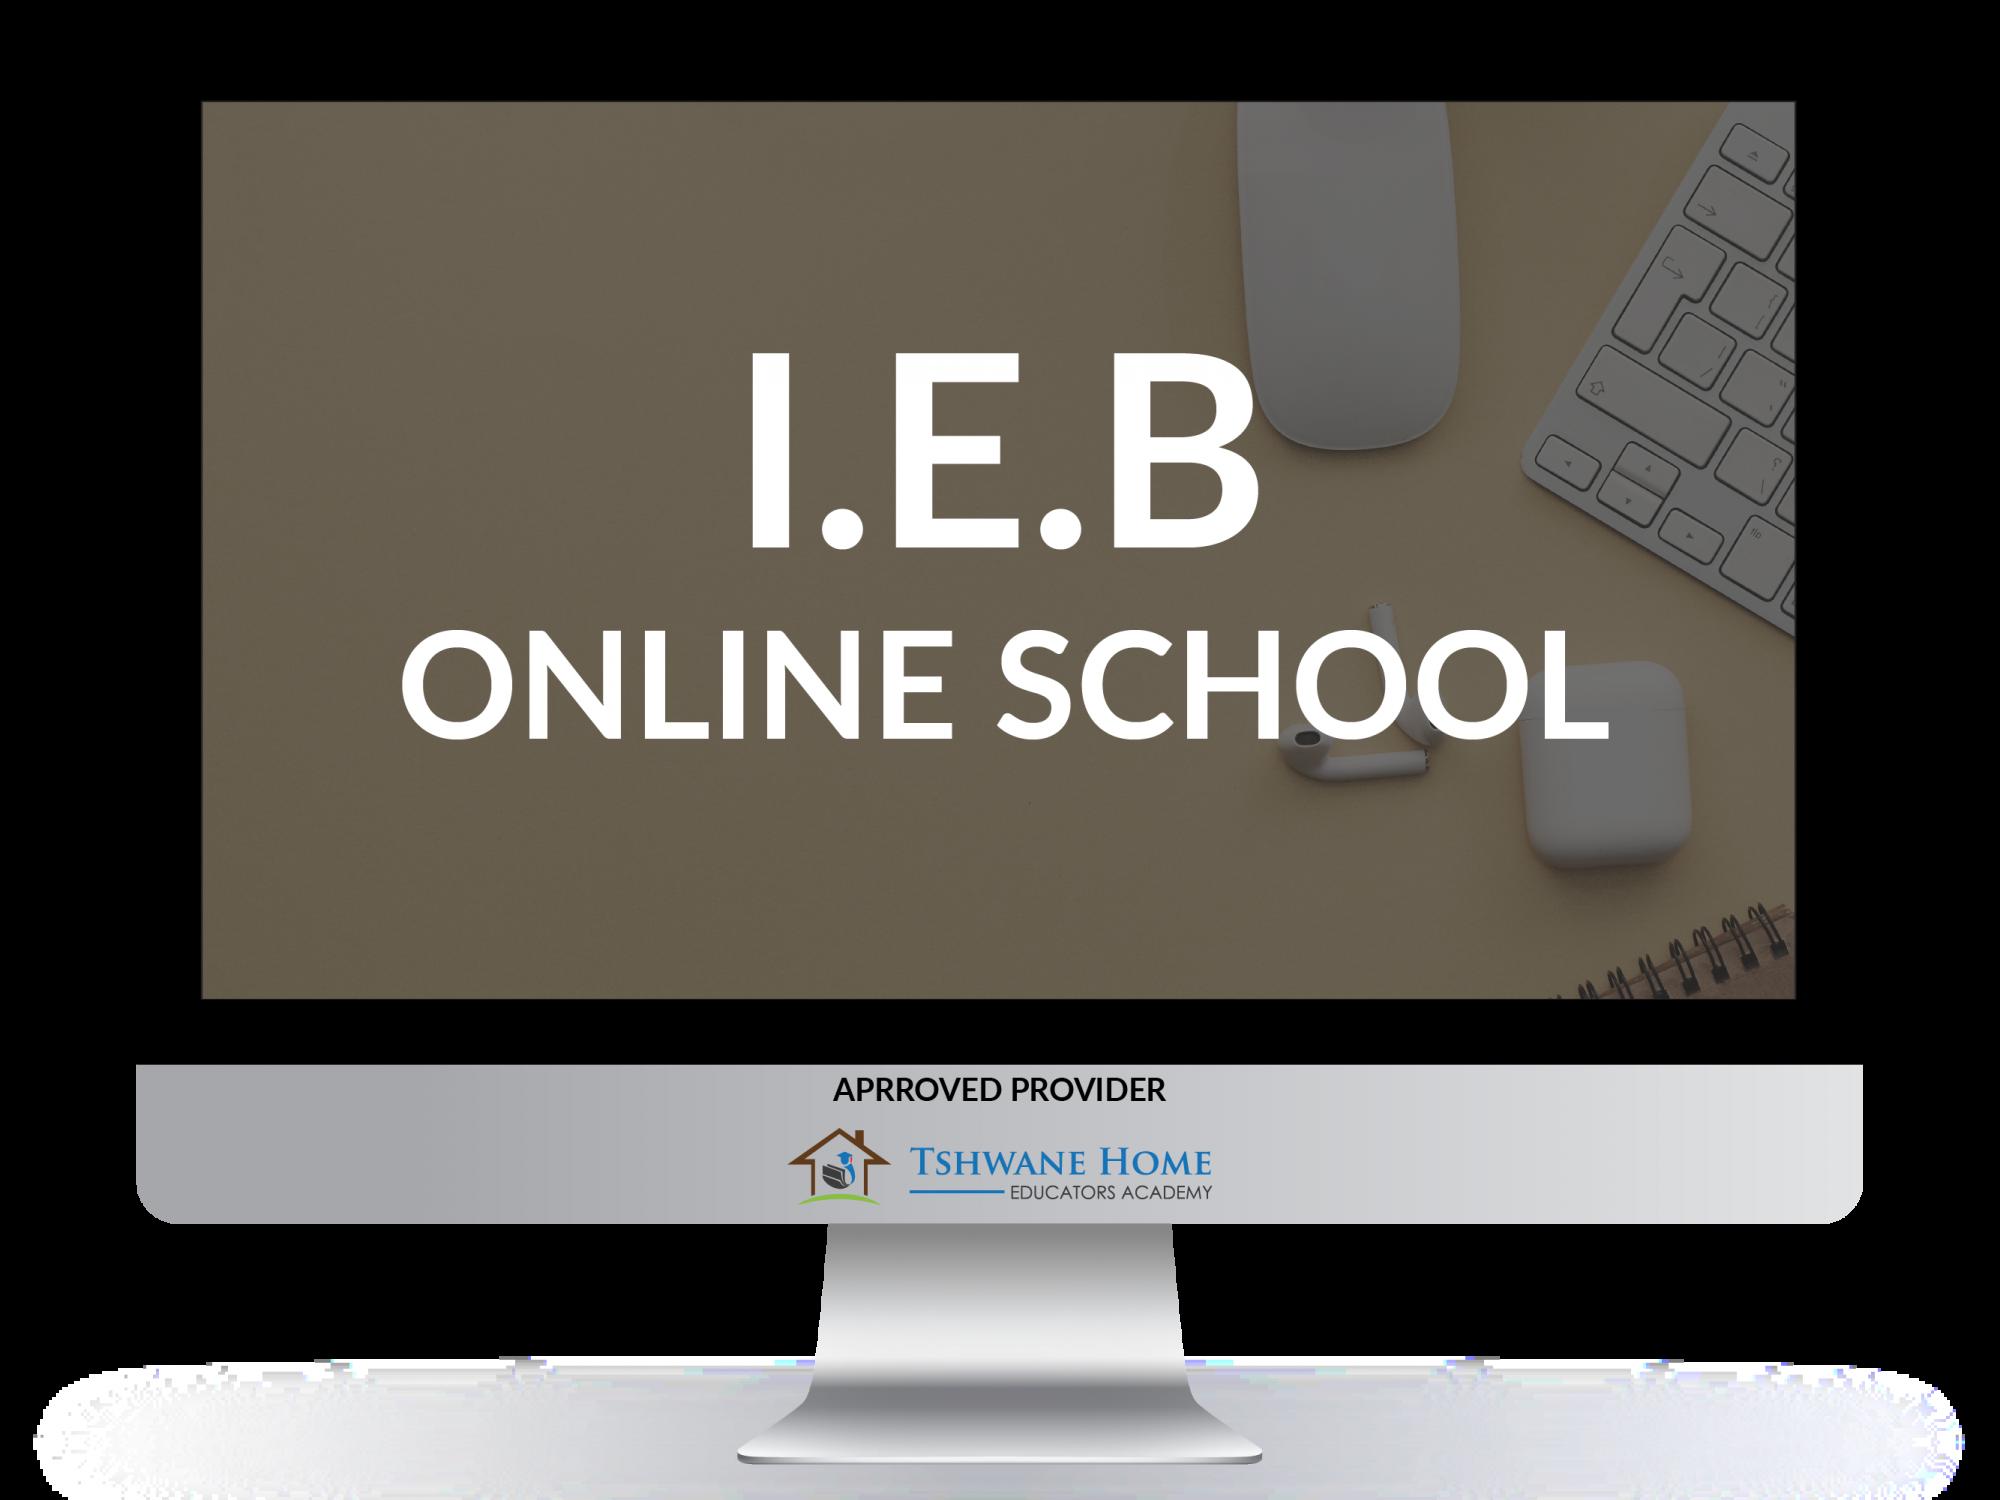 ieb online school 2021